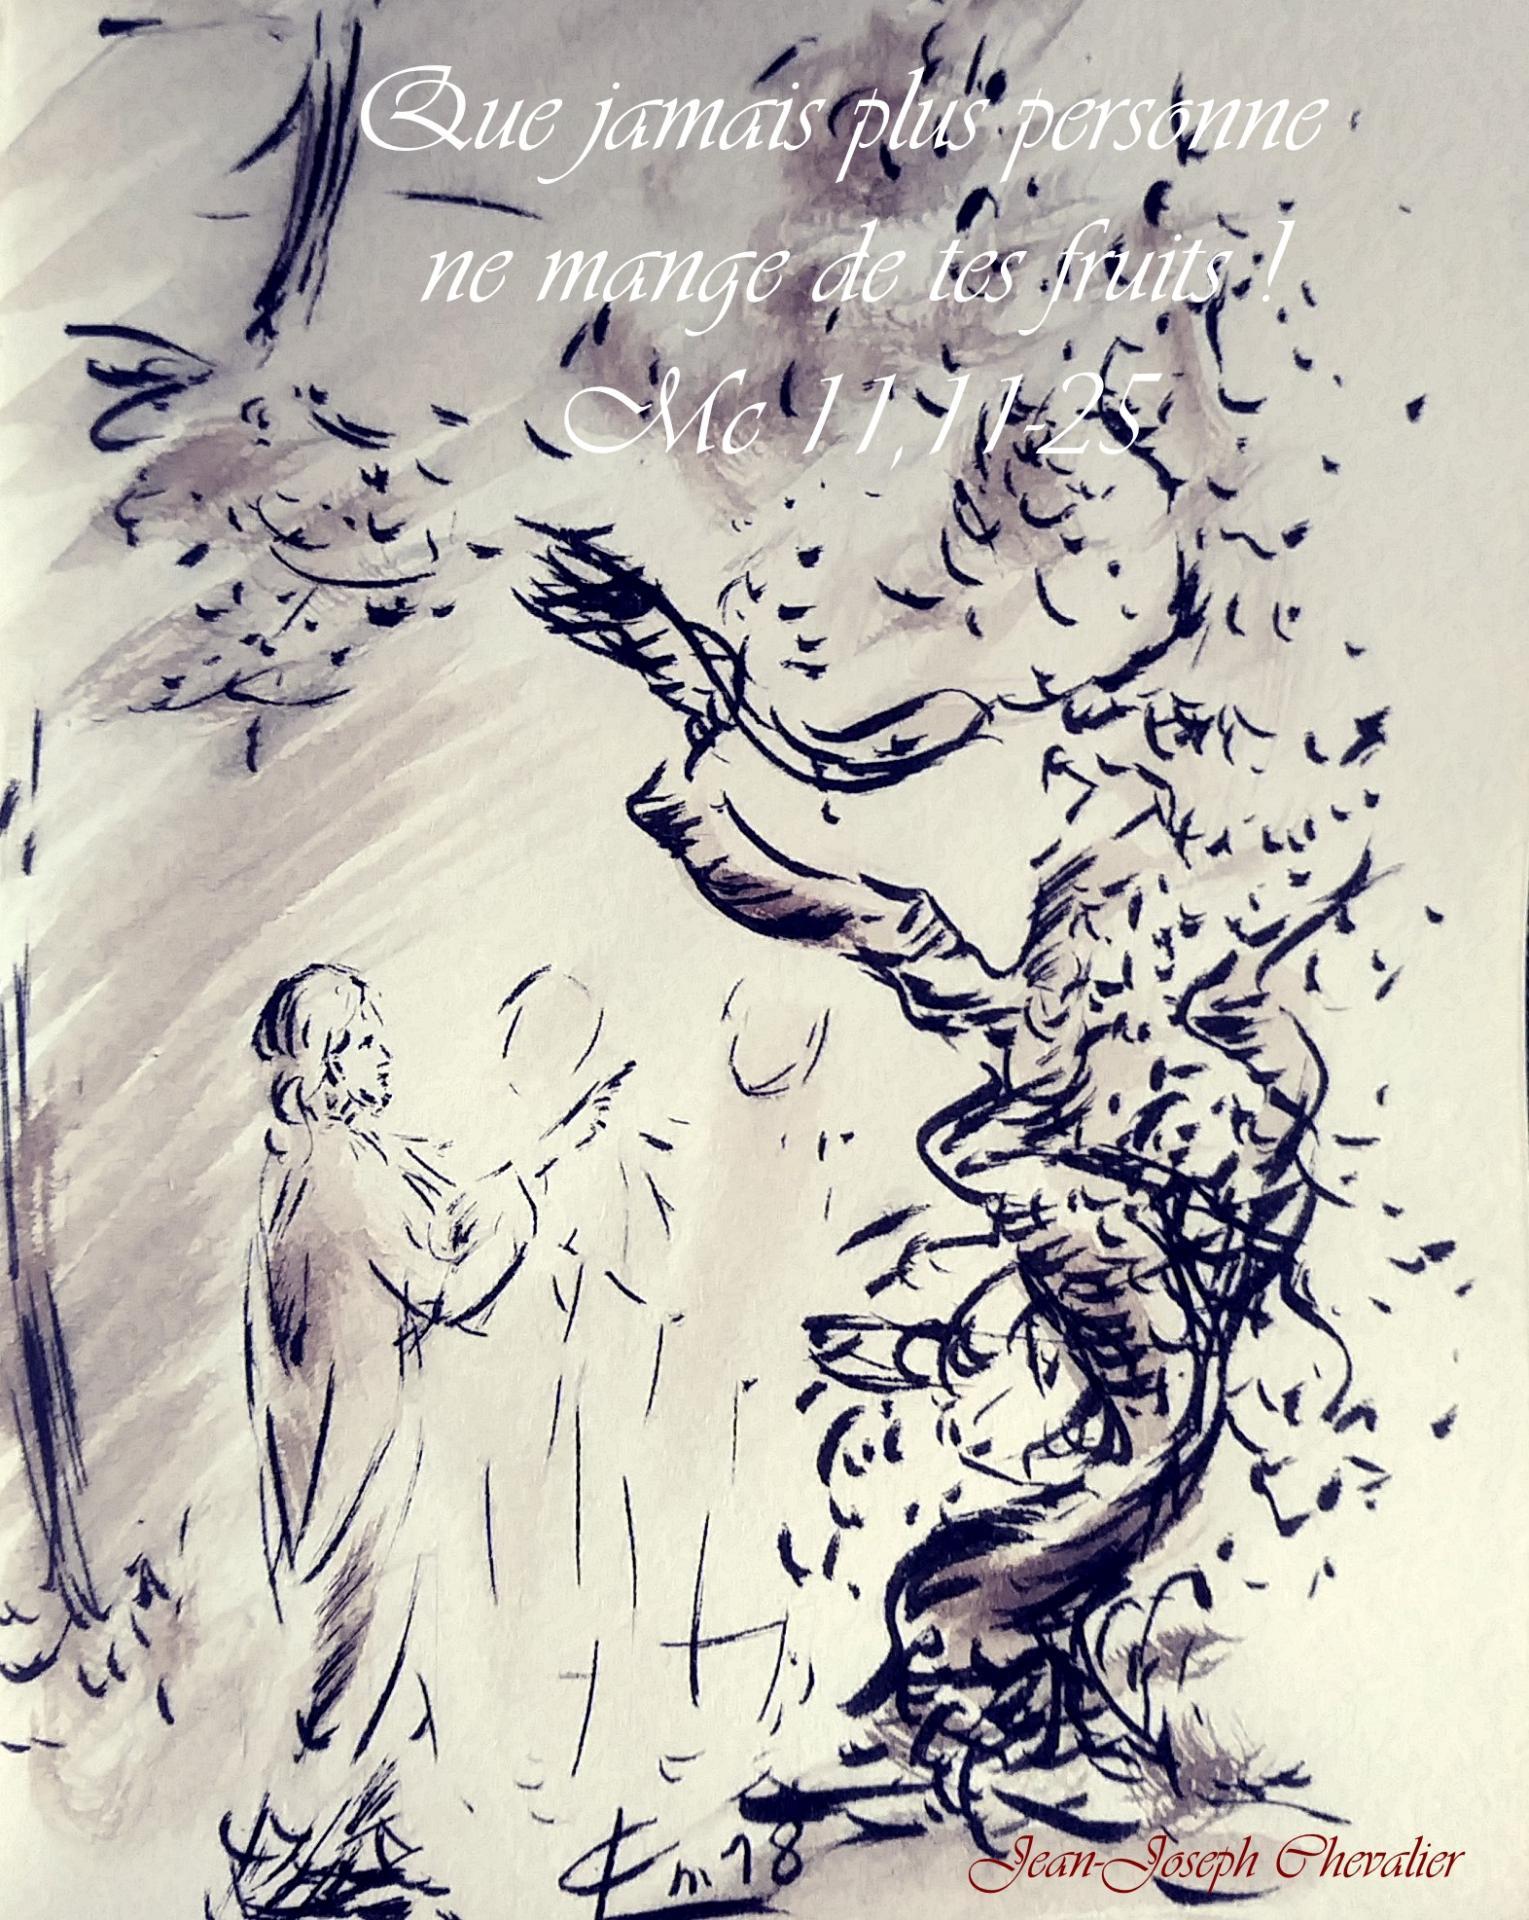 1 Juin 2018, évangile du jour illustré par un dessin au lavis